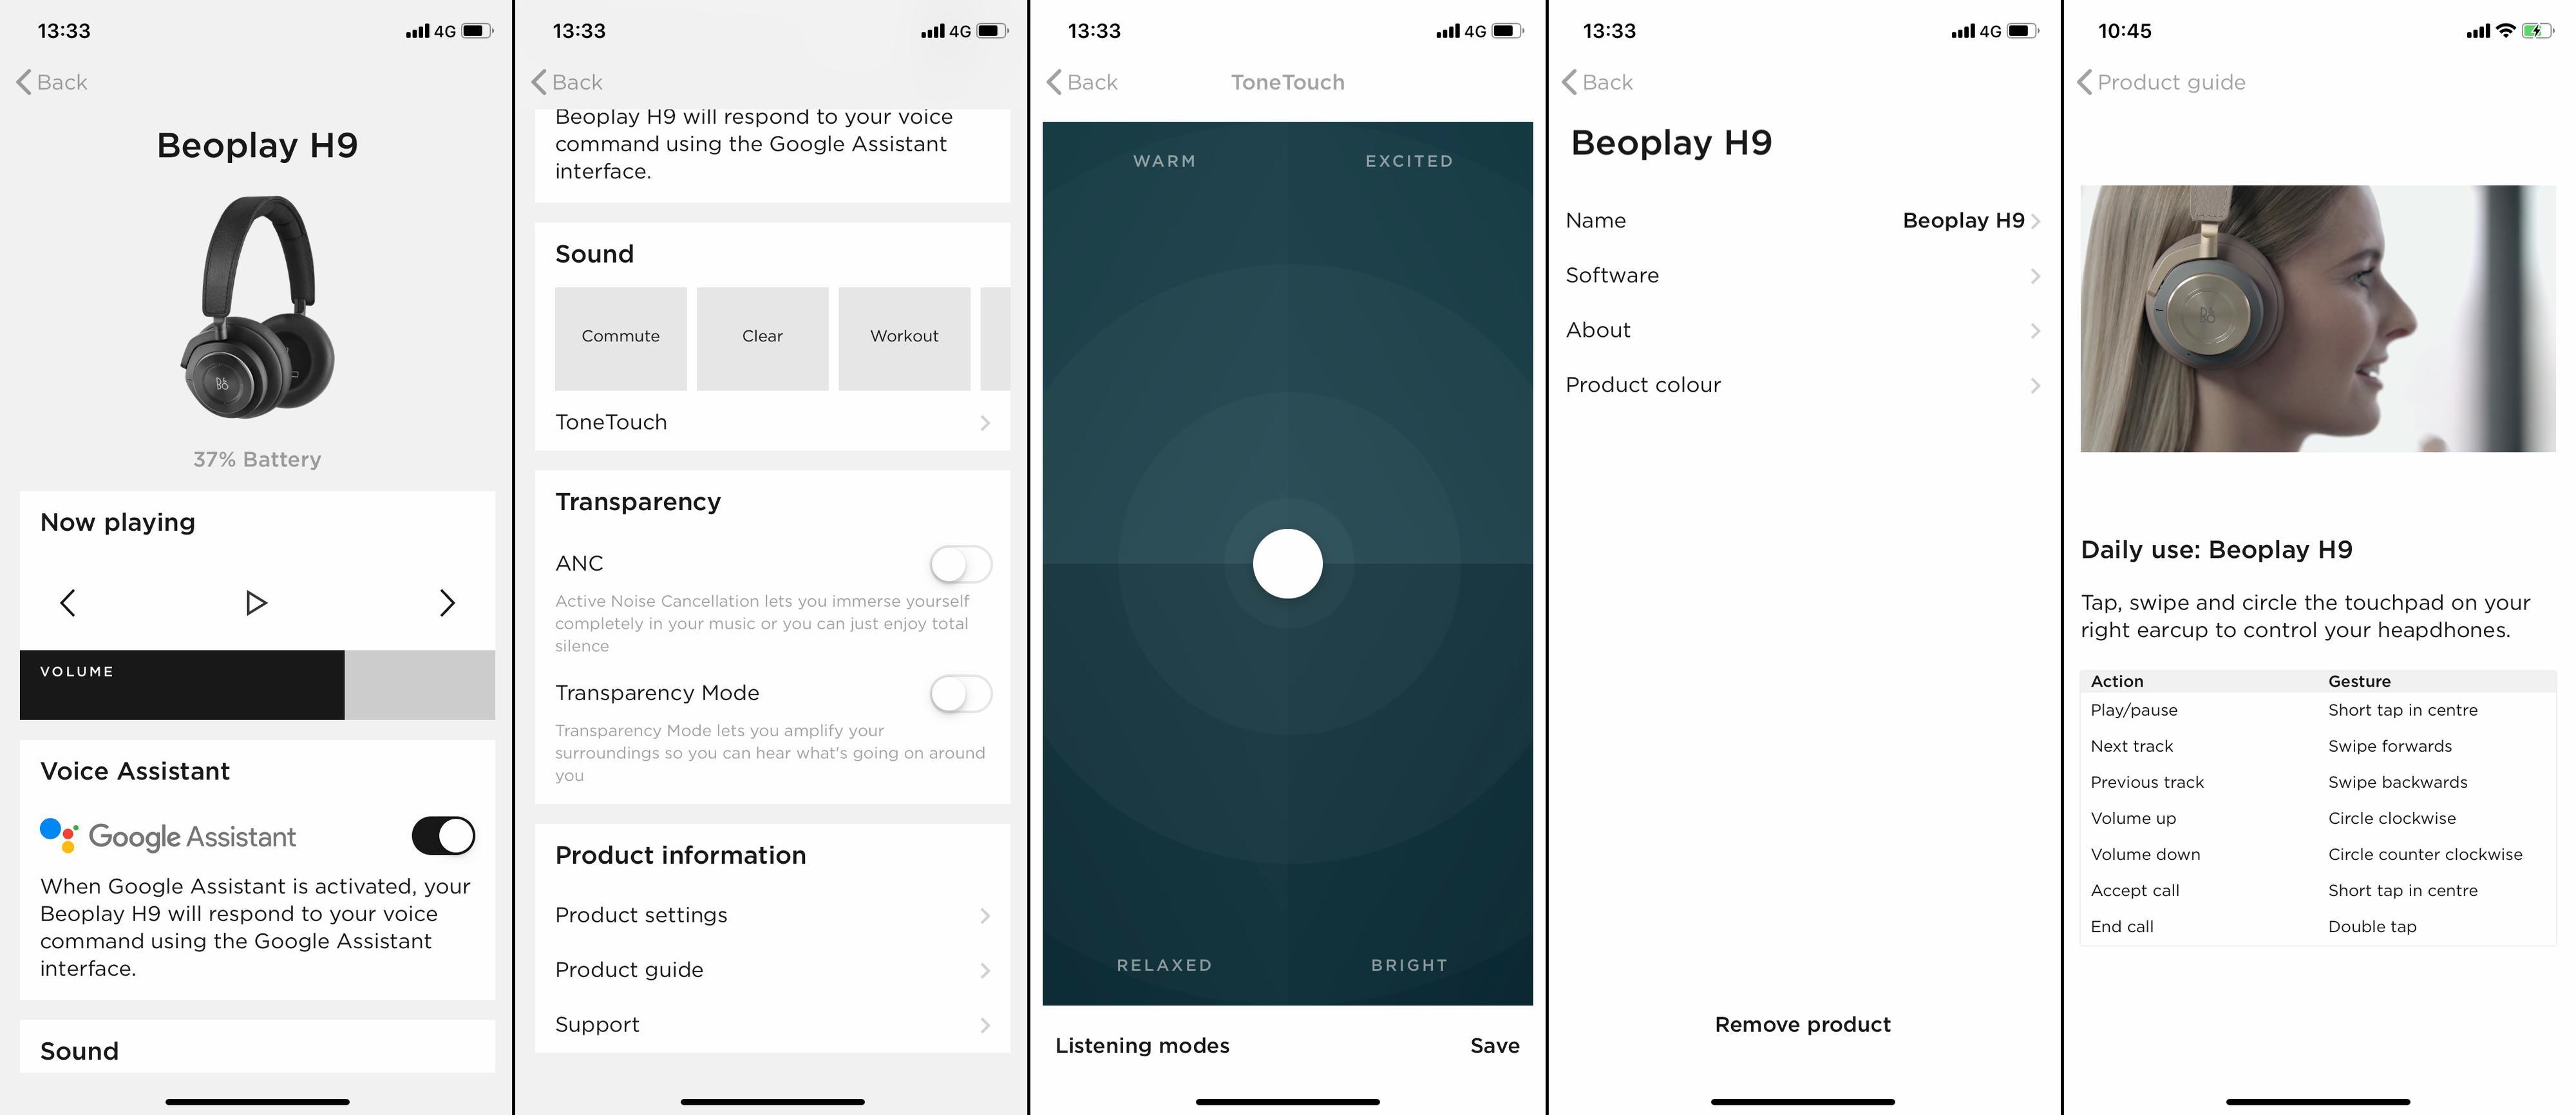 Bang & Olufsens app gir deg en god equalizer og mulighet til å skru de fleste funksjoner av og på. Vi savner kanskje flere muligheter til å skreddersy knapper, knotter og oppførsel etter eget ønske.